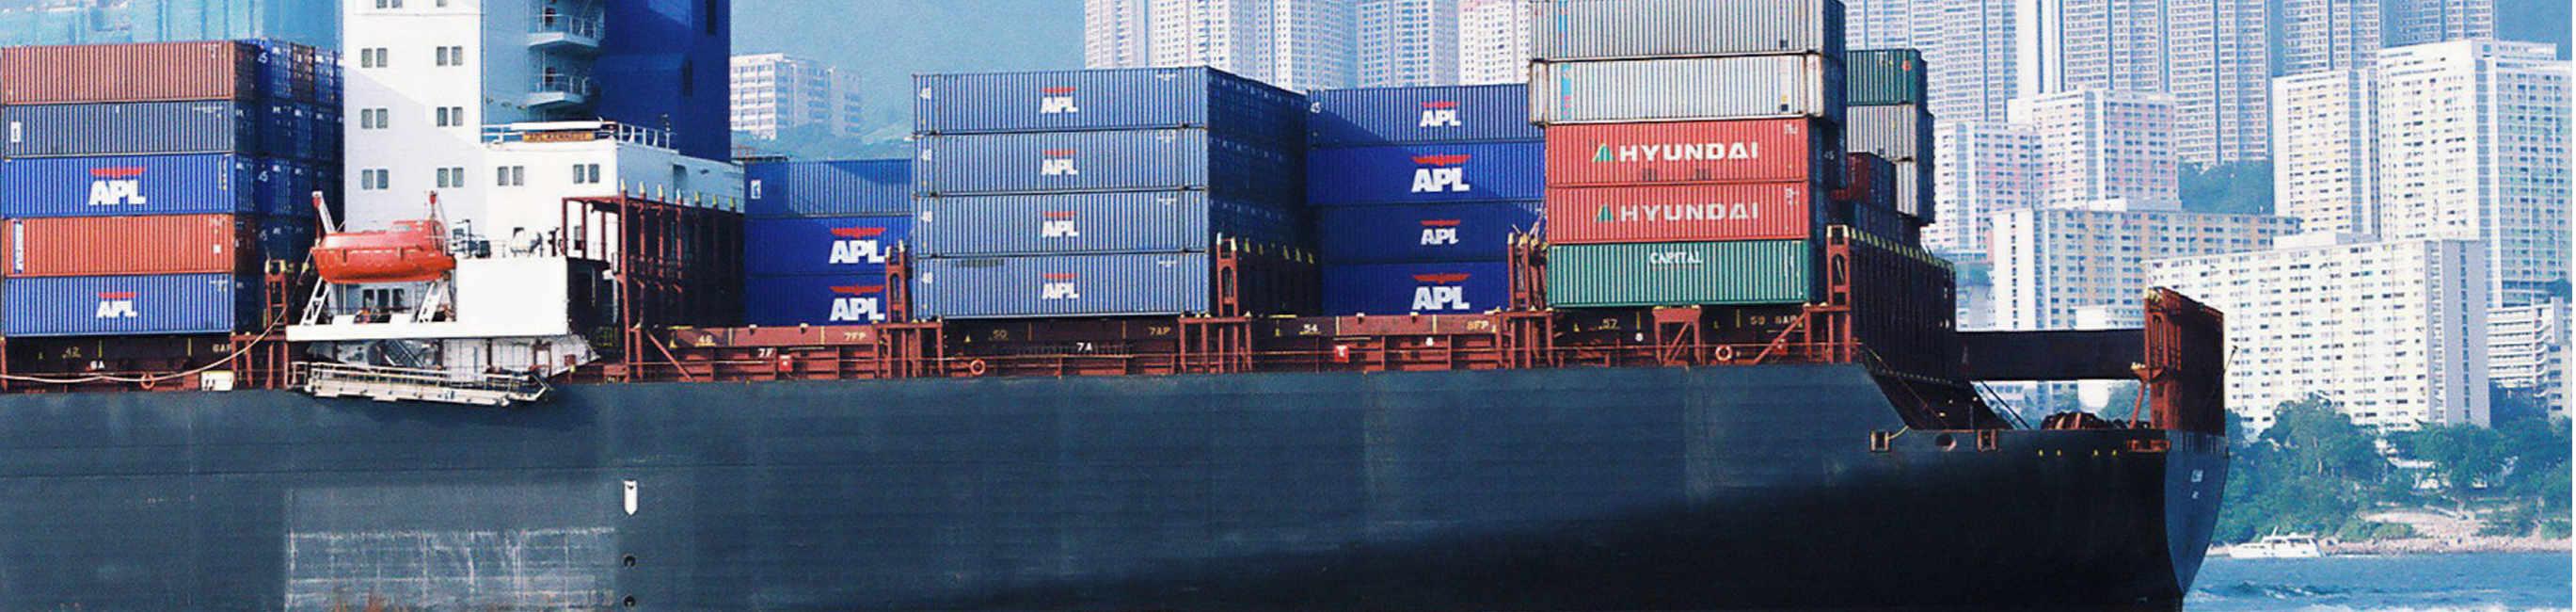 Hiina meretransport